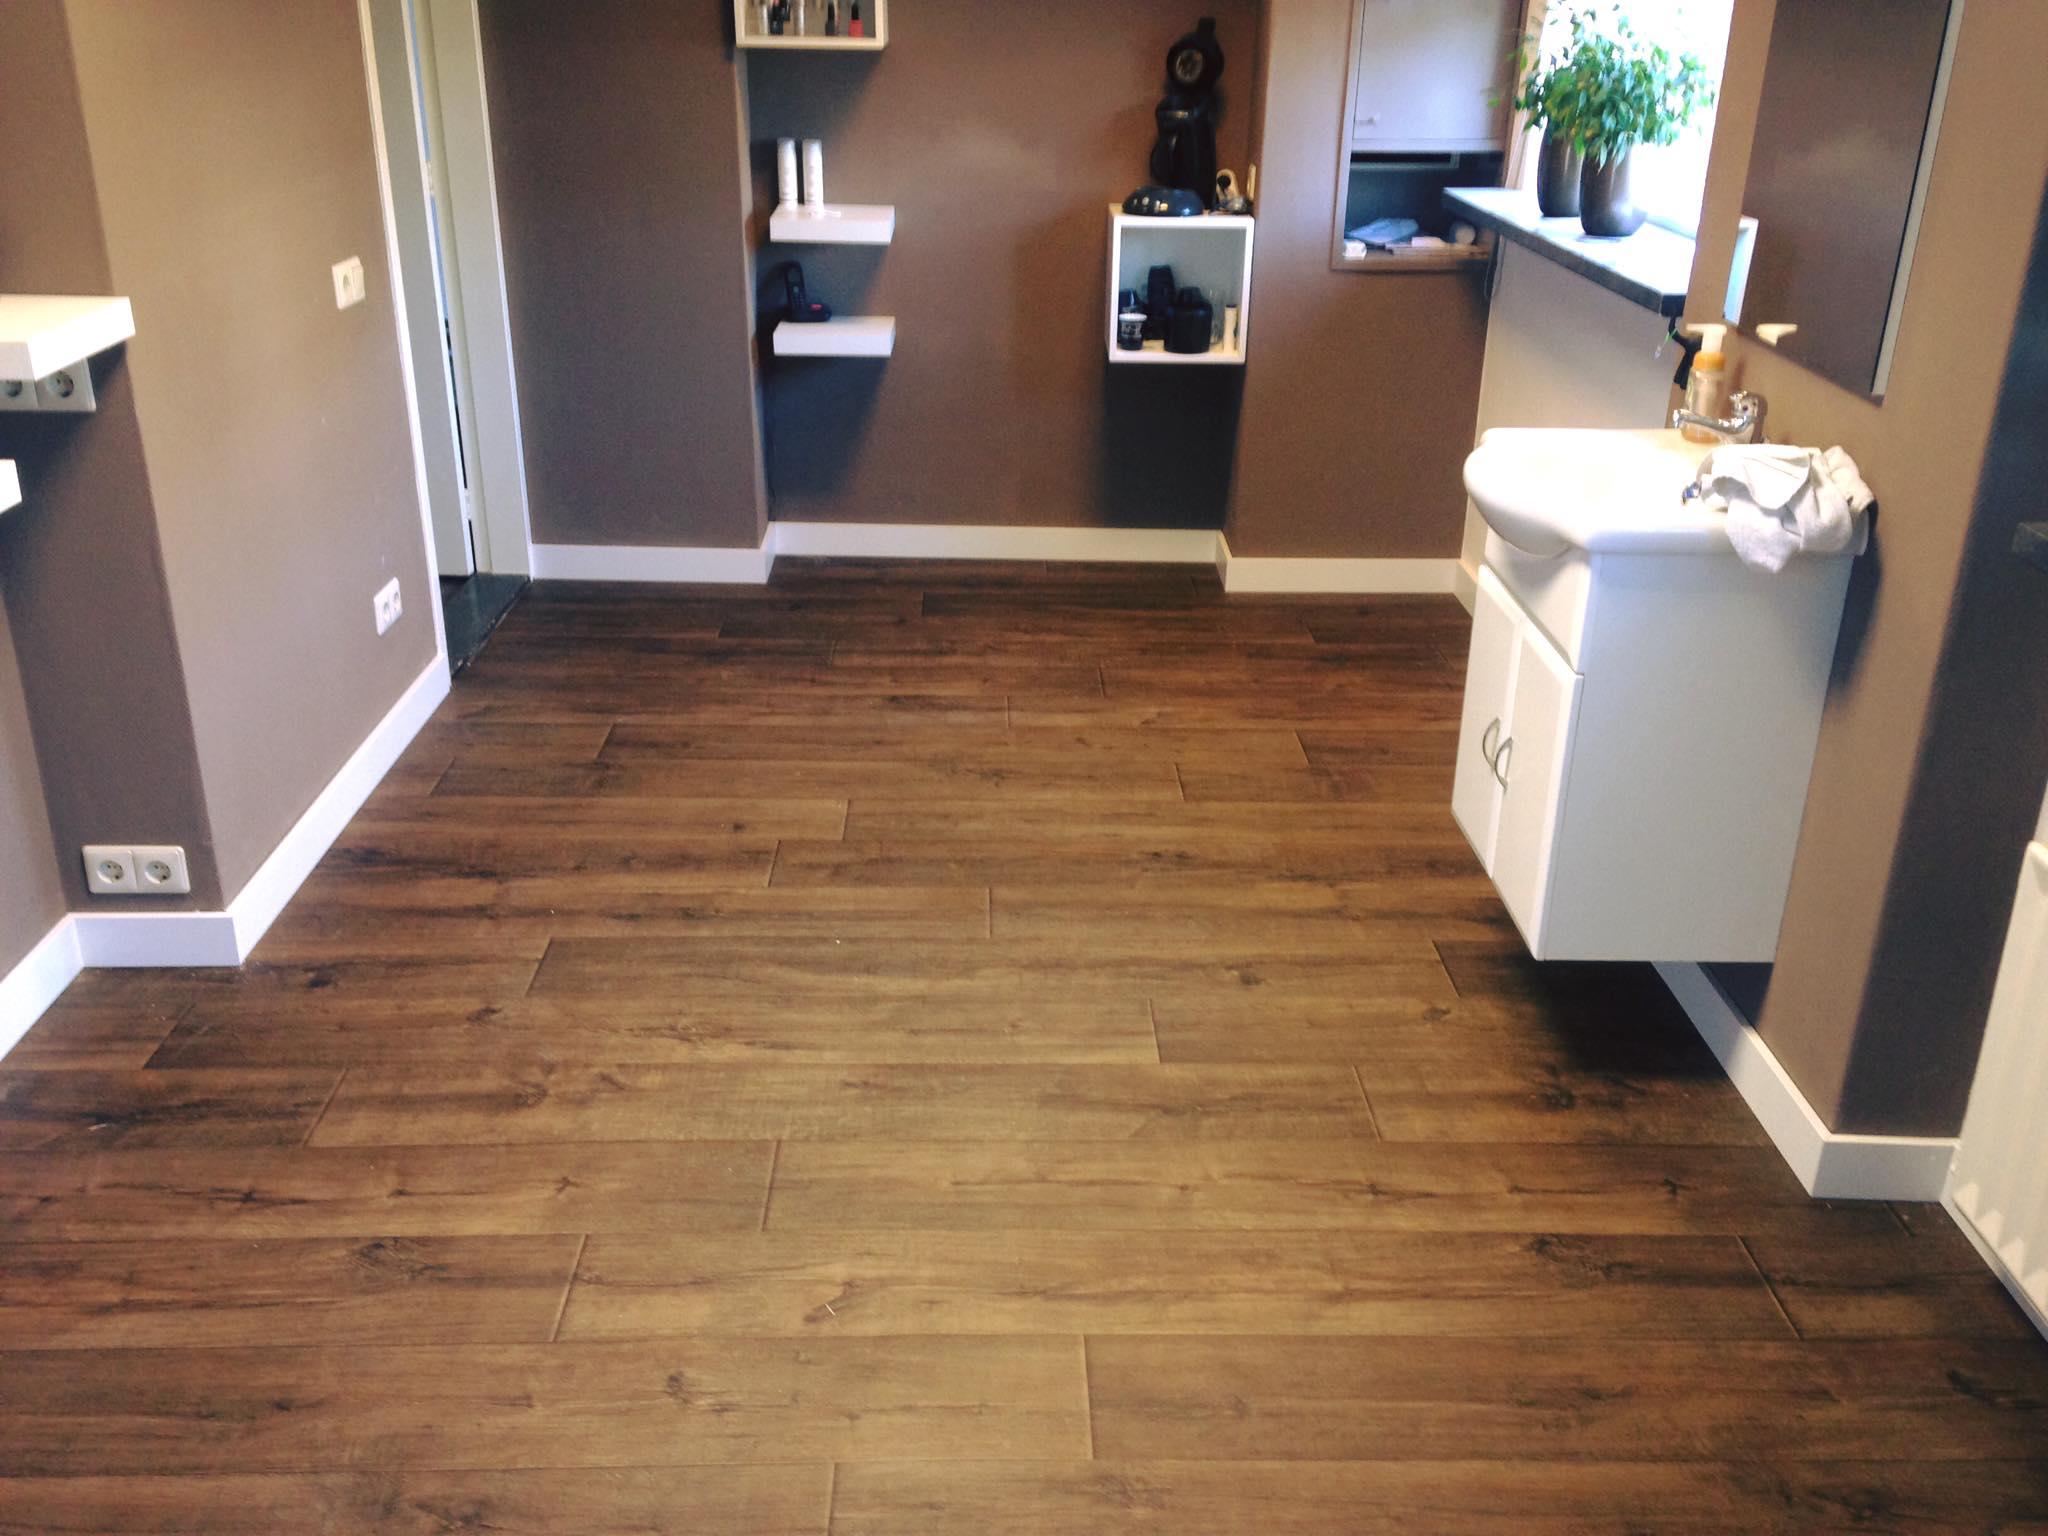 Pvc vinyl mat loper vinyl vloer bedrukte pvc gebied tapijt etsy